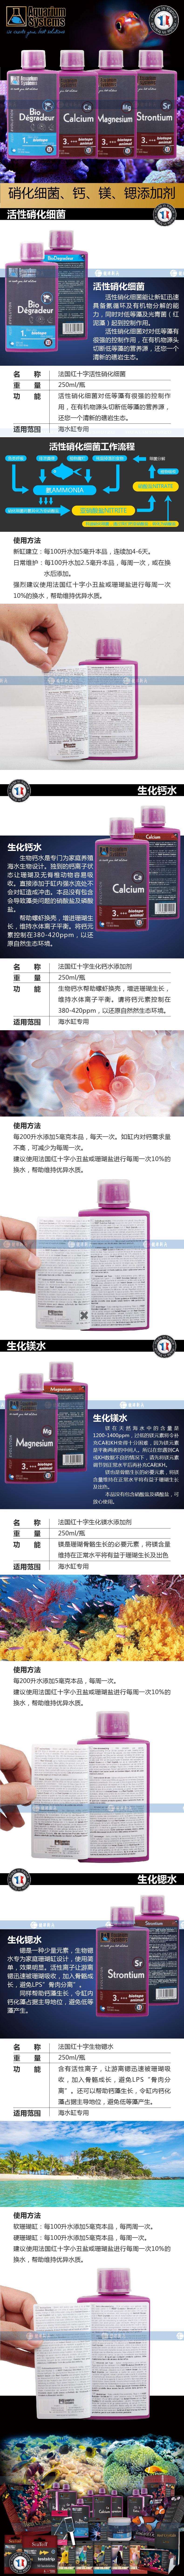 法国红十字法红海缸SPSLPS硝化细菌珊瑚生物钙水锶水镁水添加剂.jpg